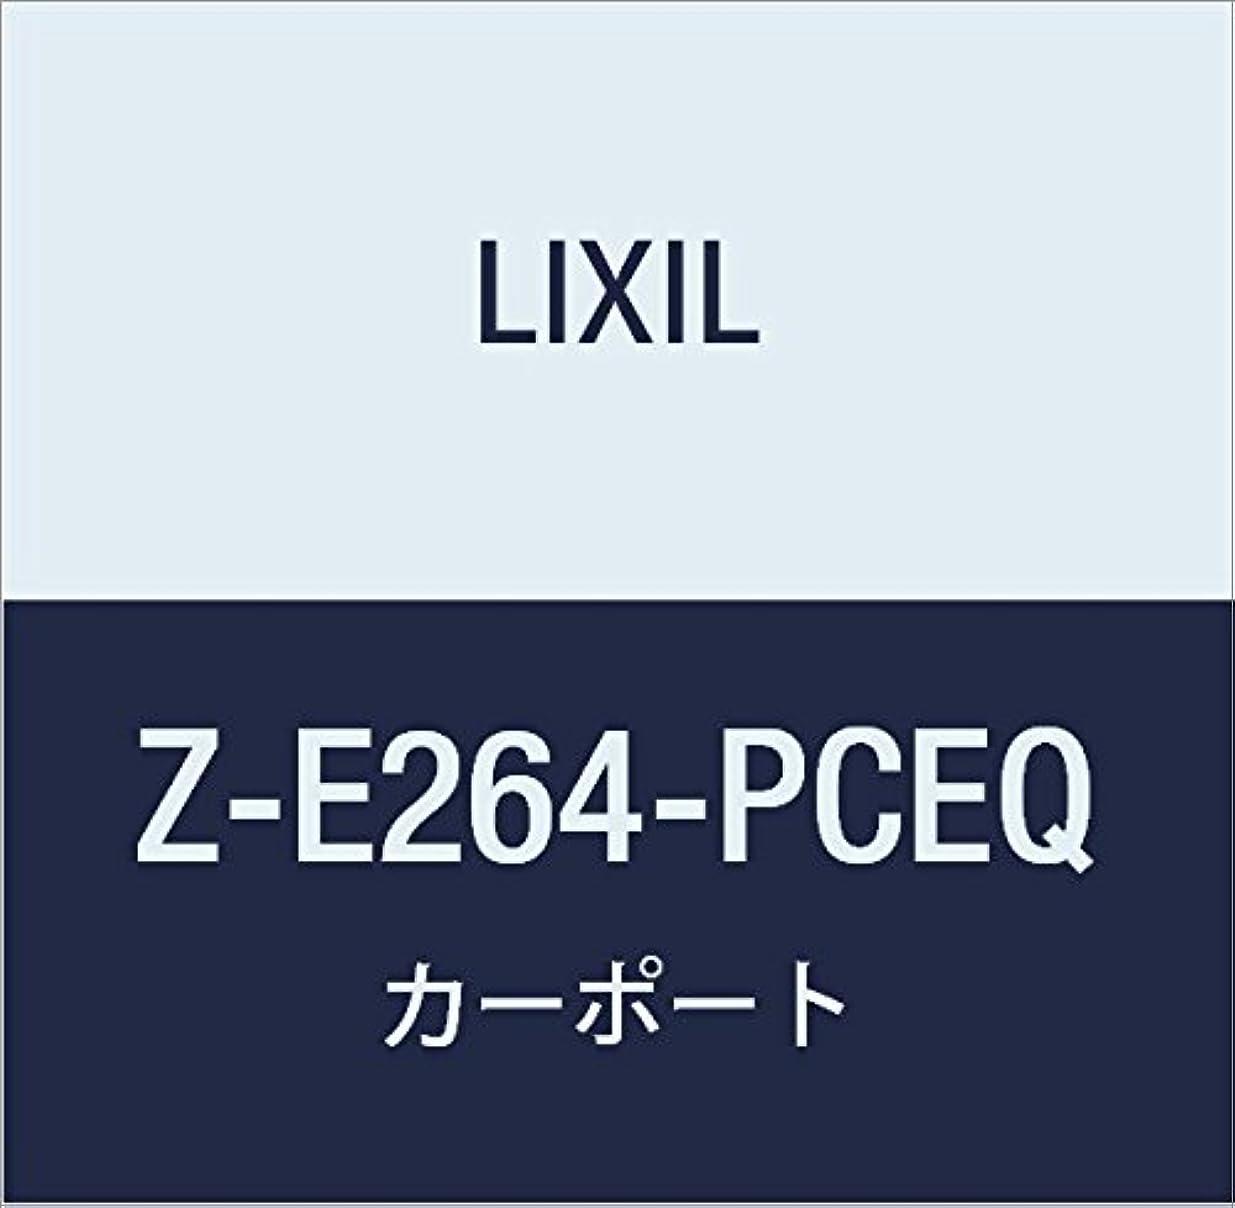 浸漬届けるノイズLIXIL(リクシル) TOEX ルーフレガーナポリカBS30用4枚 Z-E264-PCEQ